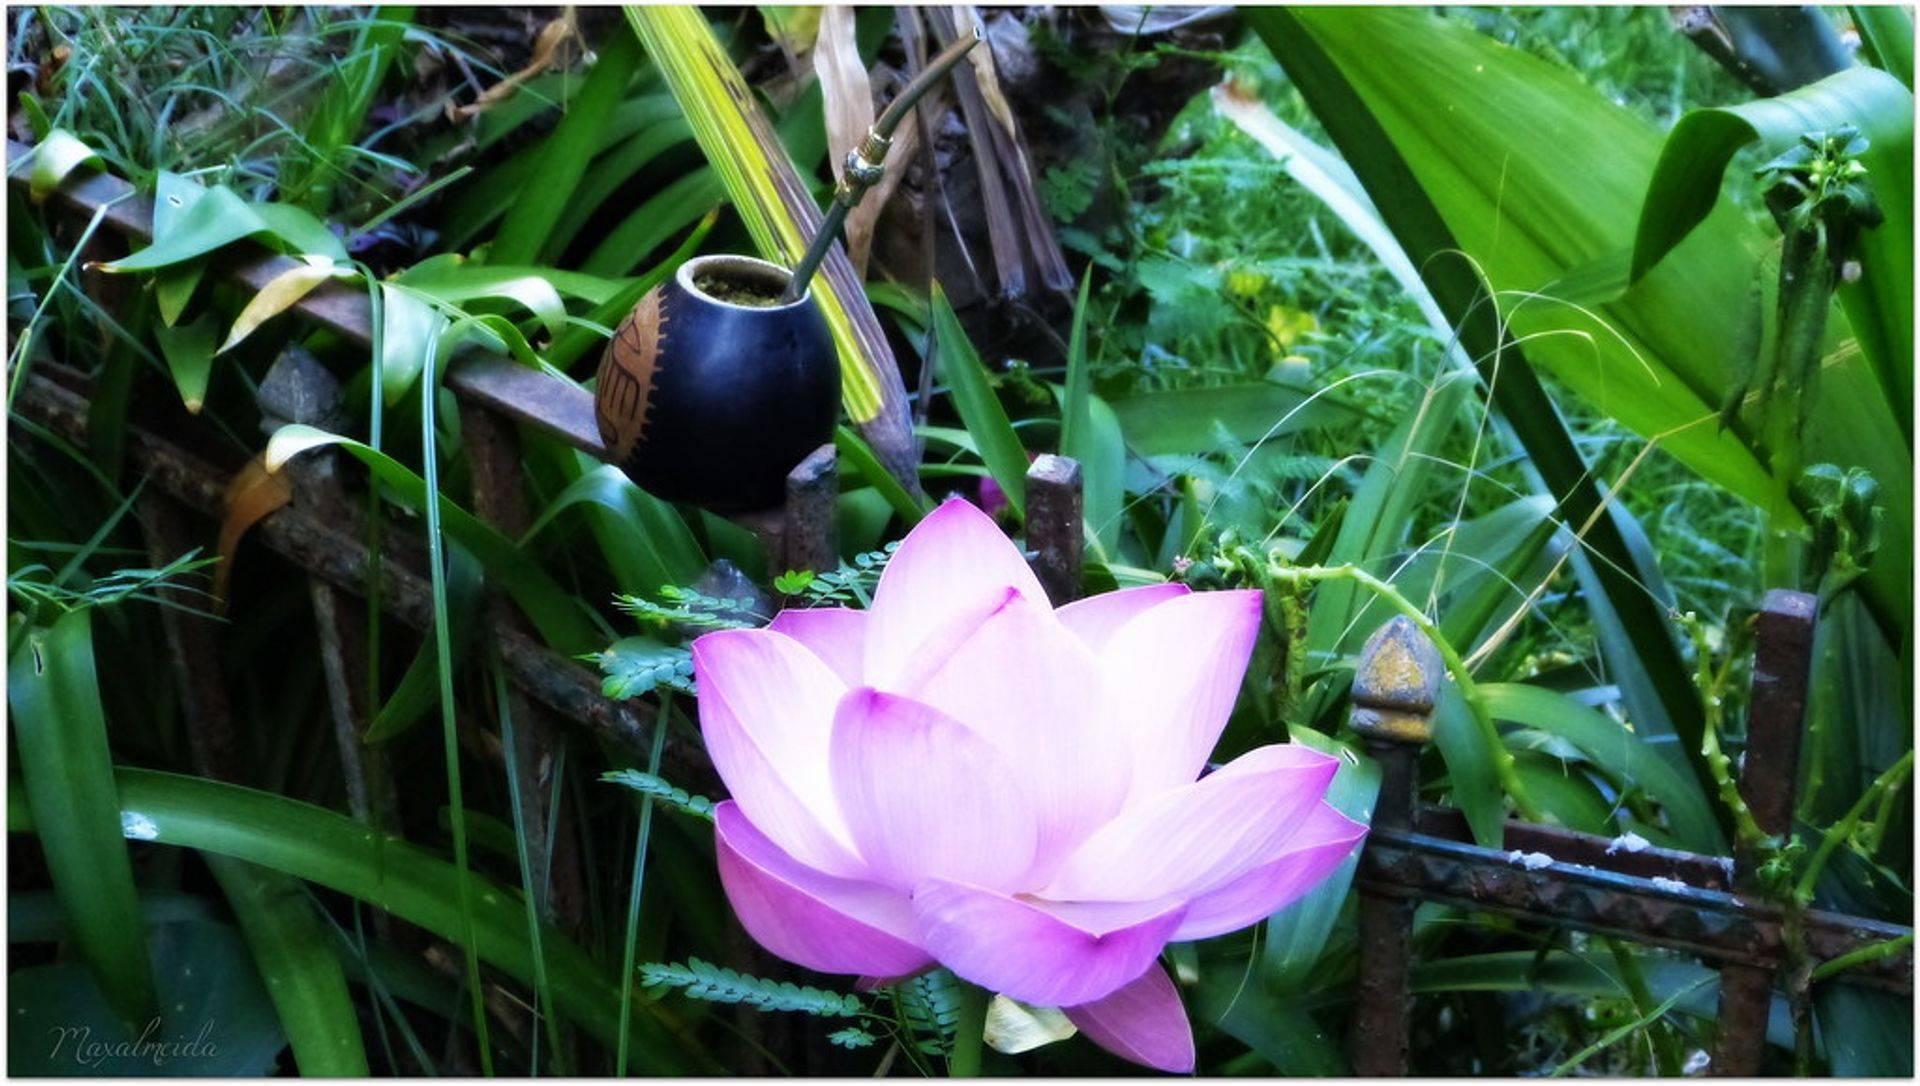 Die Lotosblüte repräsentiert Leben, einen neuen Anfang und die Möglichkeit sich zu verändern